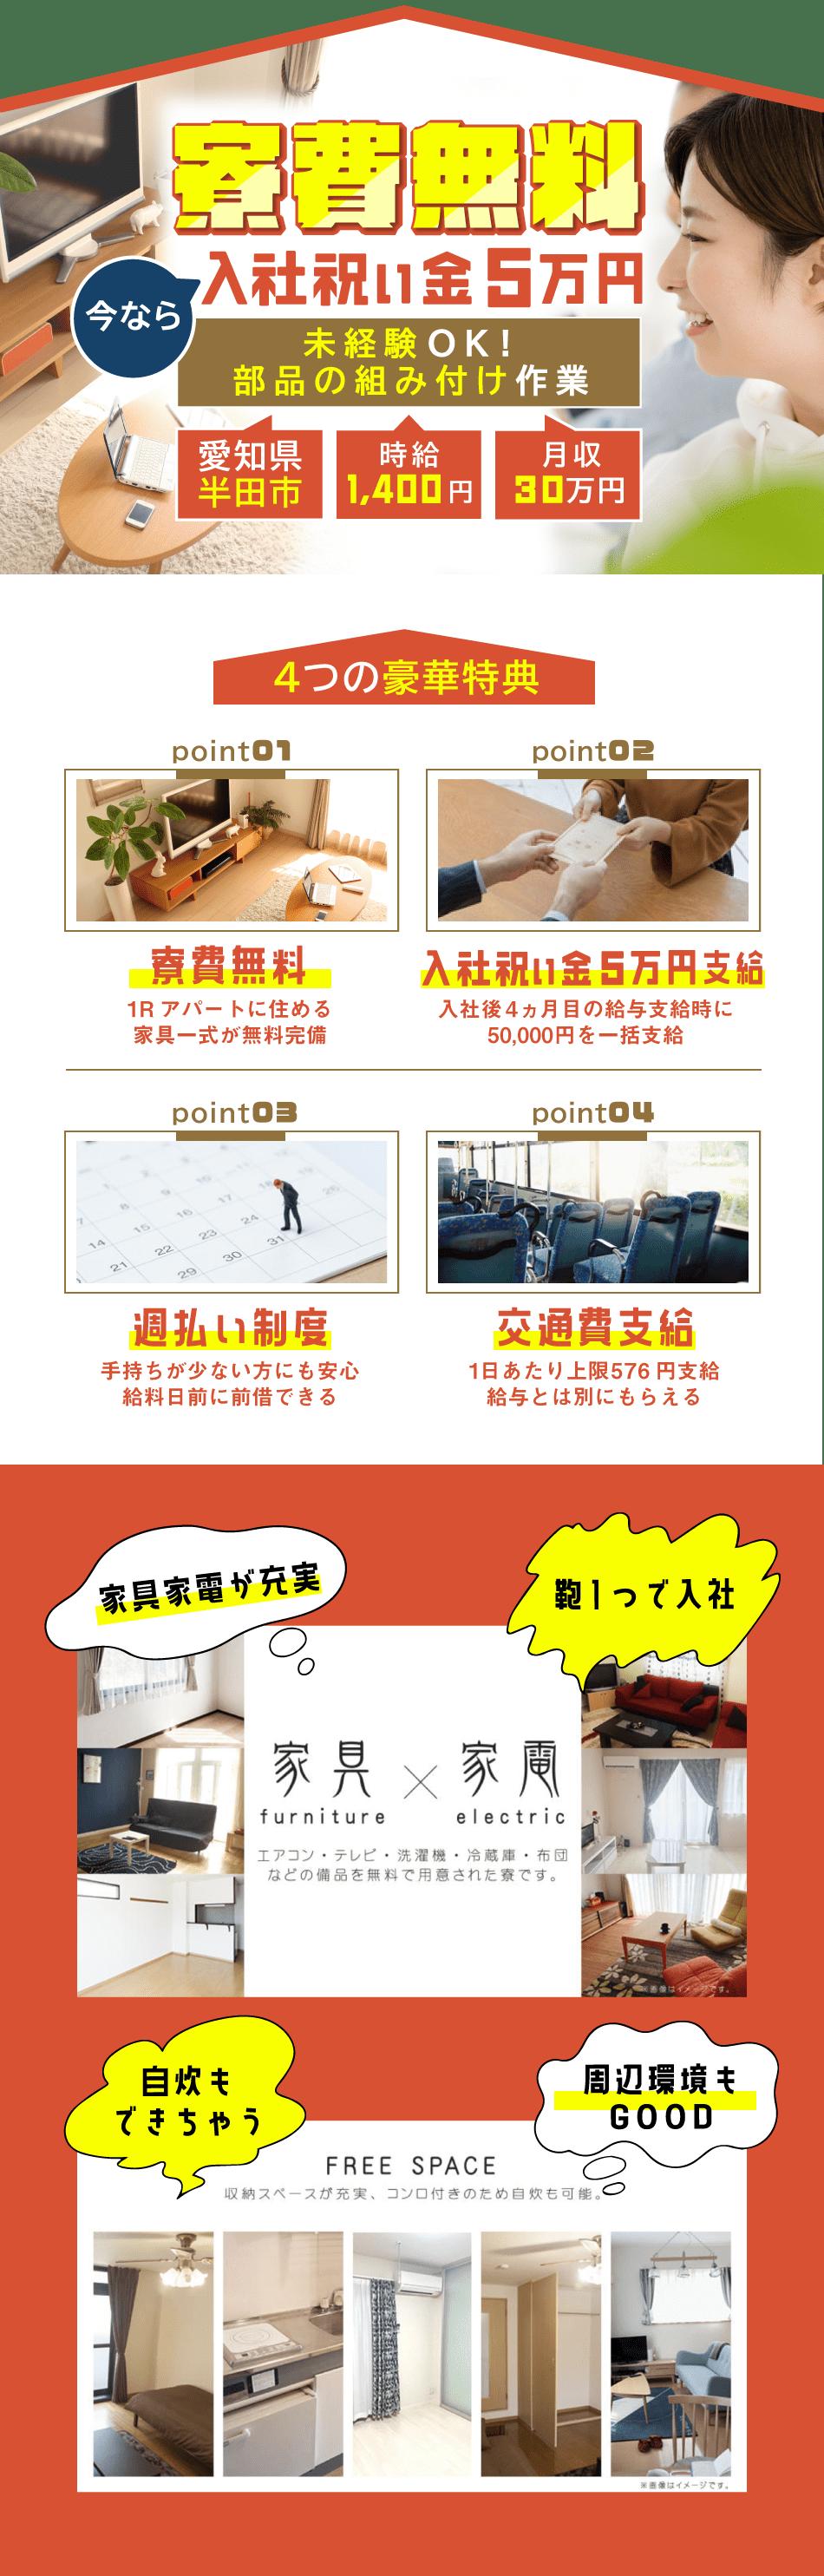 寮費無料 入社祝い金5万円 女性活躍中